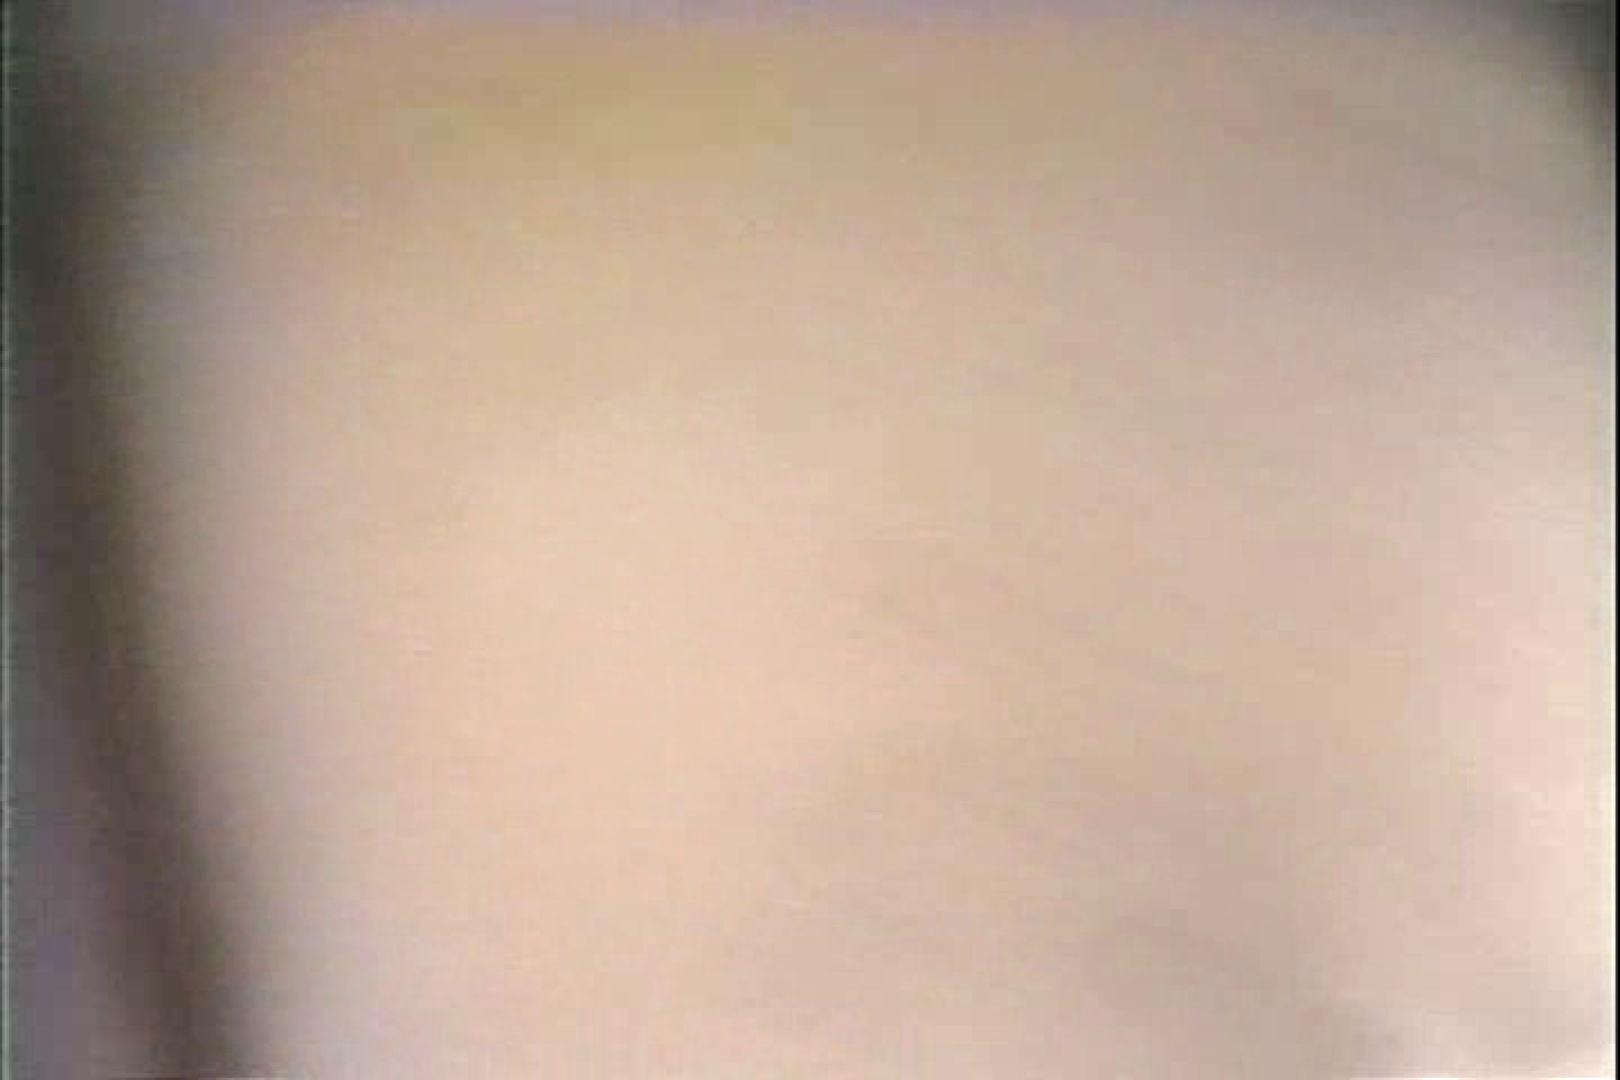 「ちくりん」さんのオリジナル未編集パンチラVol.3_02 美しいOLの裸体 覗きおまんこ画像 81pic 34